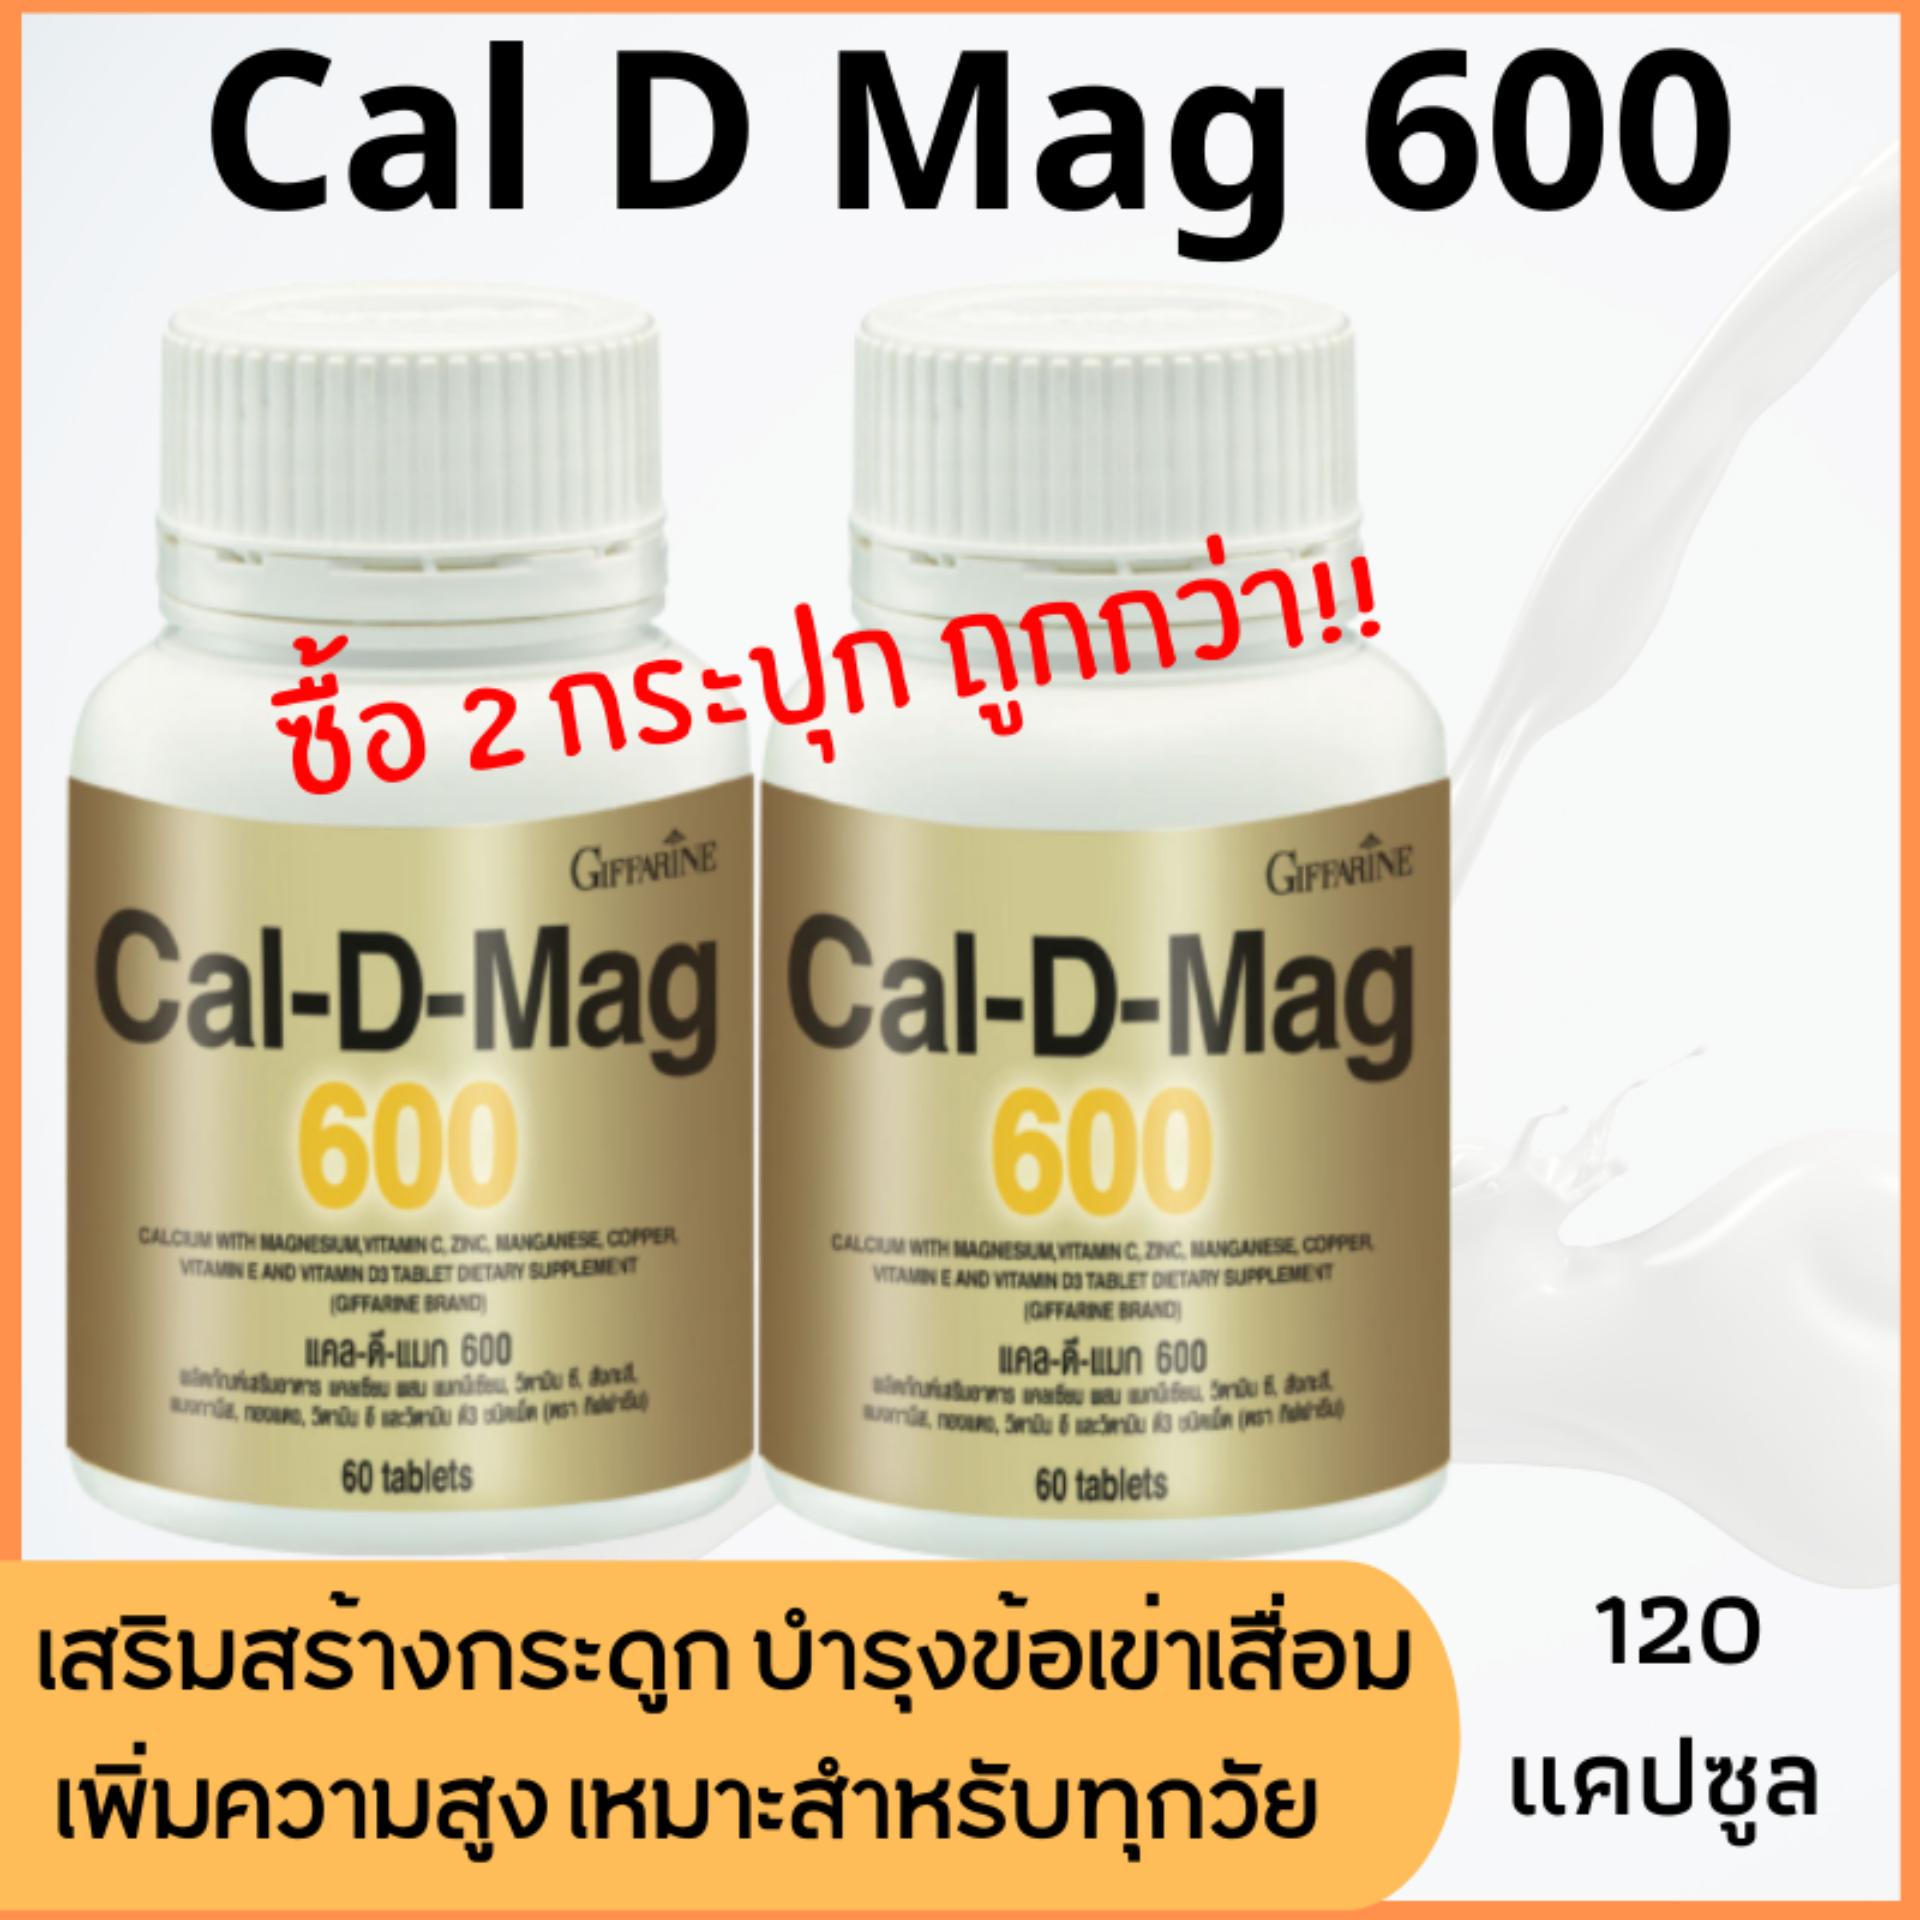 แคลดีแมก 600 แคลเซียม เพิ่มความสูง เสริมสร้างกระดูกให้แข็งแรง Cal D Mag 600 (60 แคปซูล) 2 กระปุก.